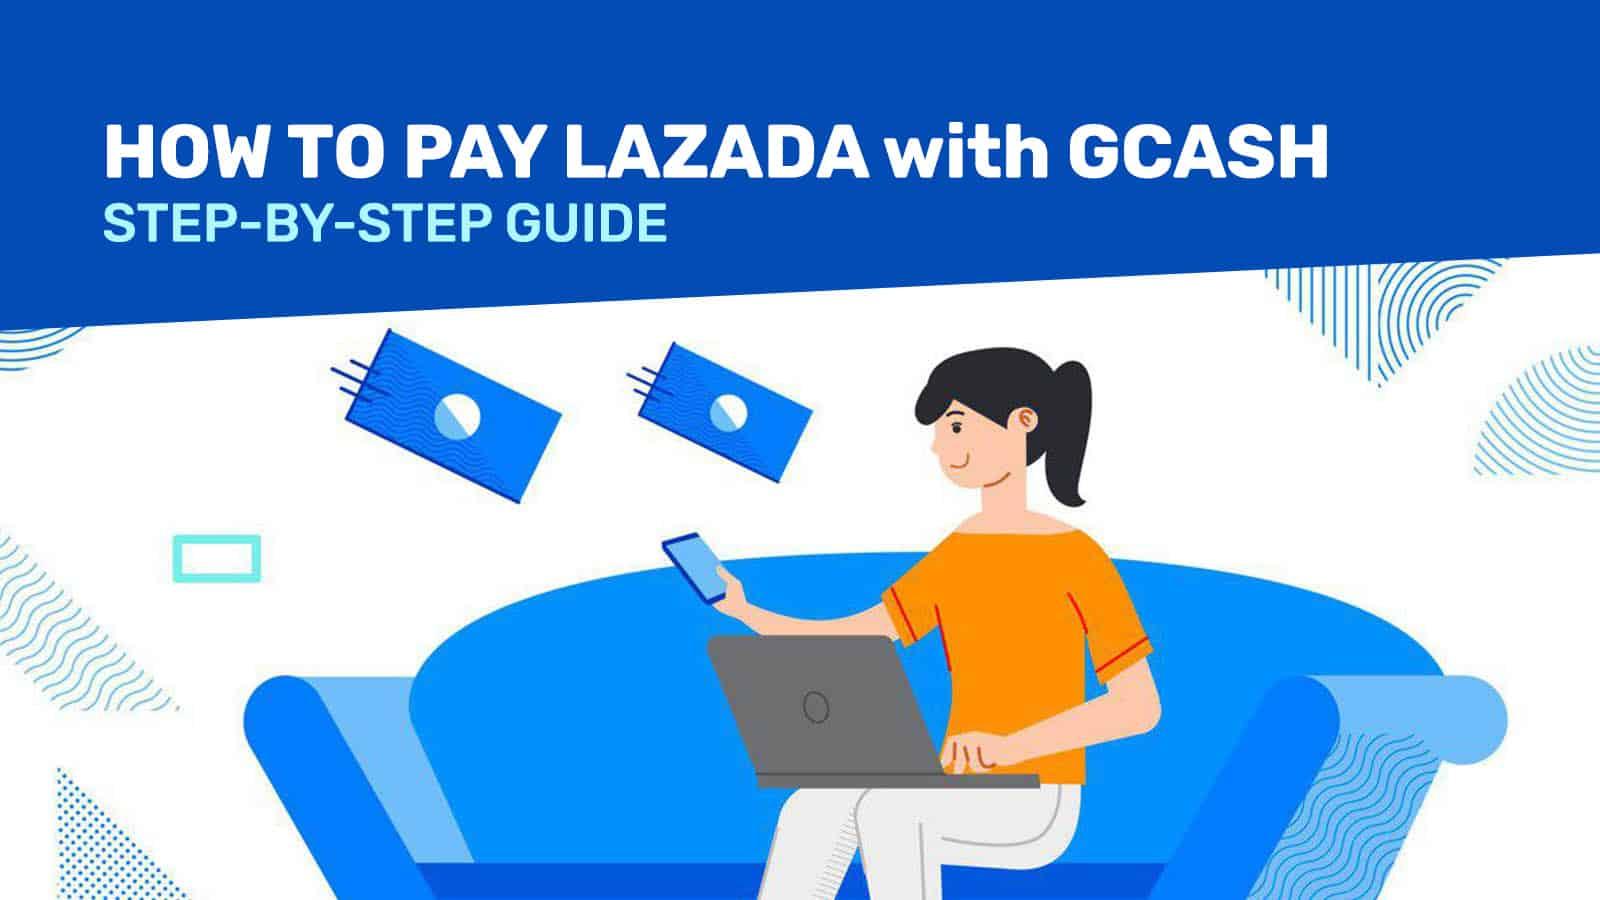 lazada购物。如何用GCash支付(分步指南)   穷游者行程博客